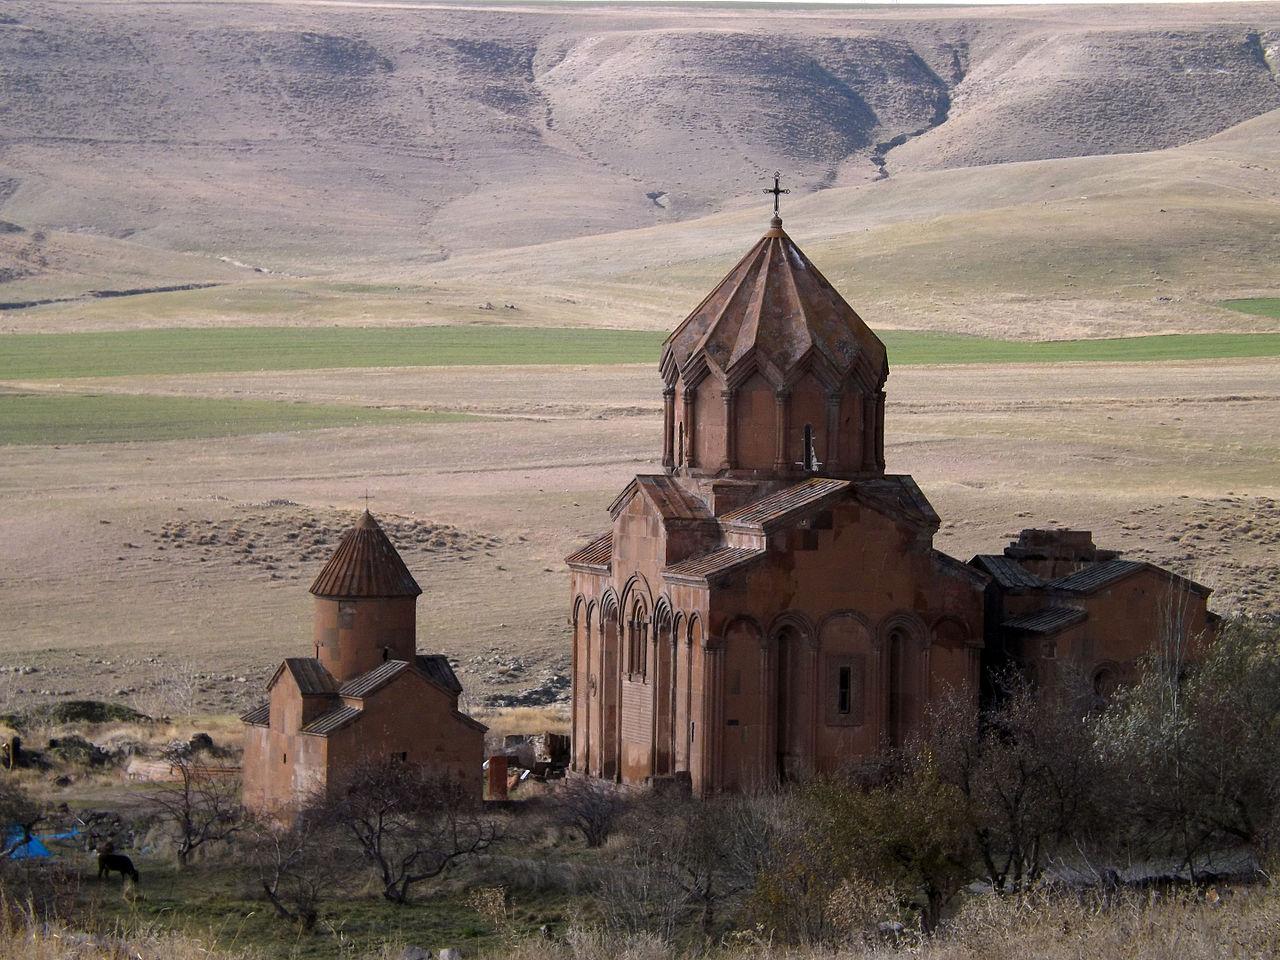 размер мармашенский монастырь фото правительства, осужденная